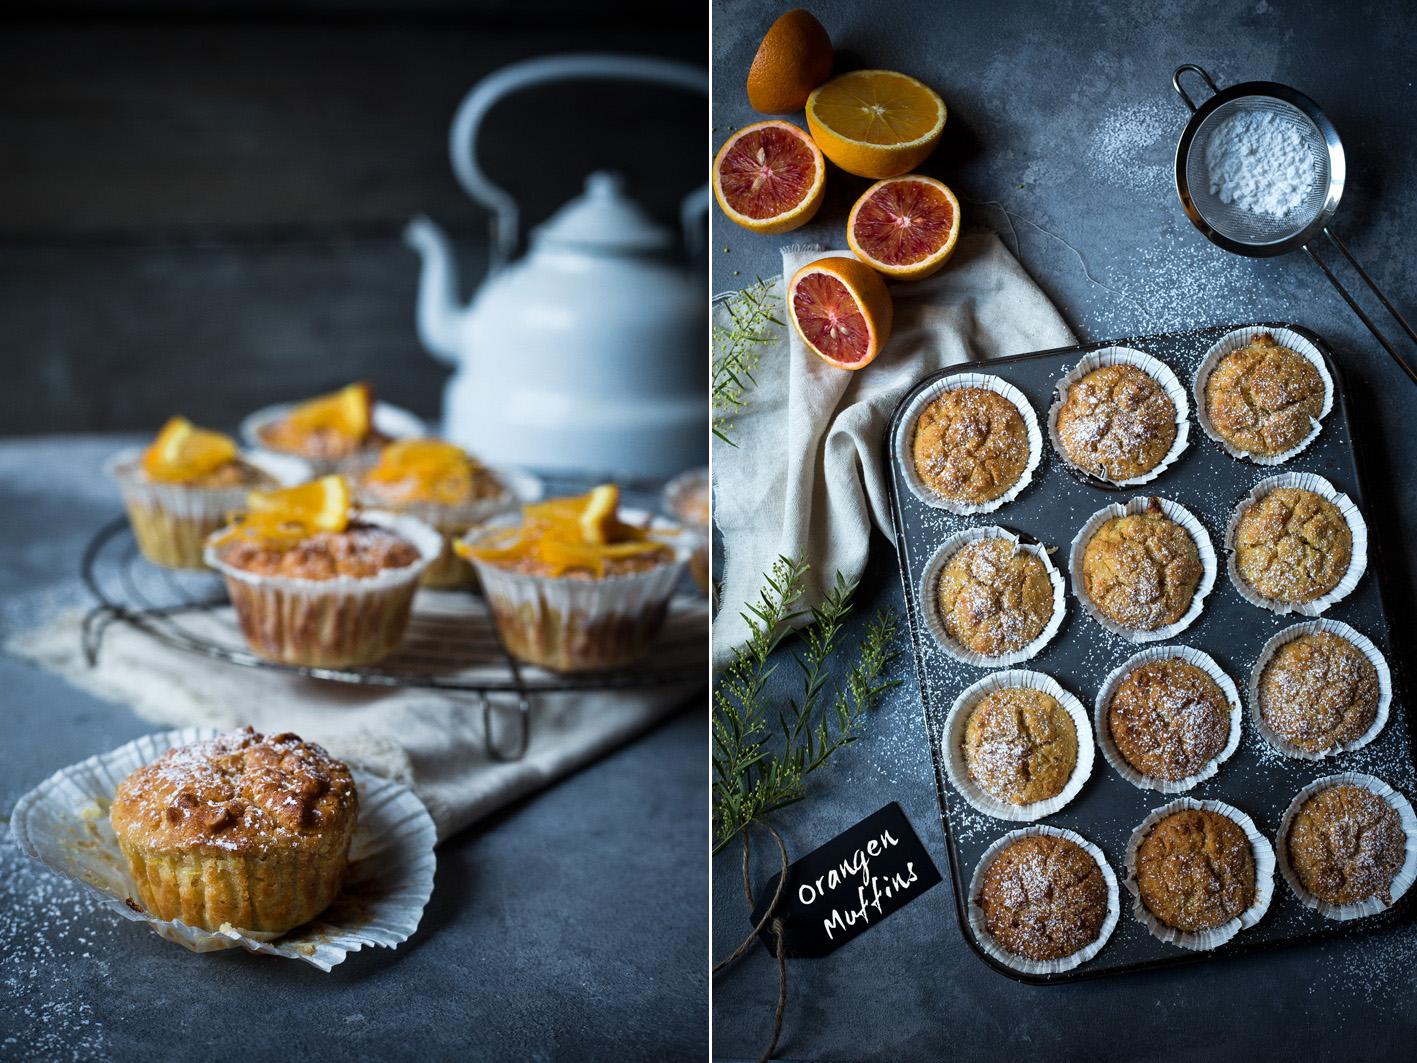 Orangen-Joghurt-Muffins mit gesunden Zutaten